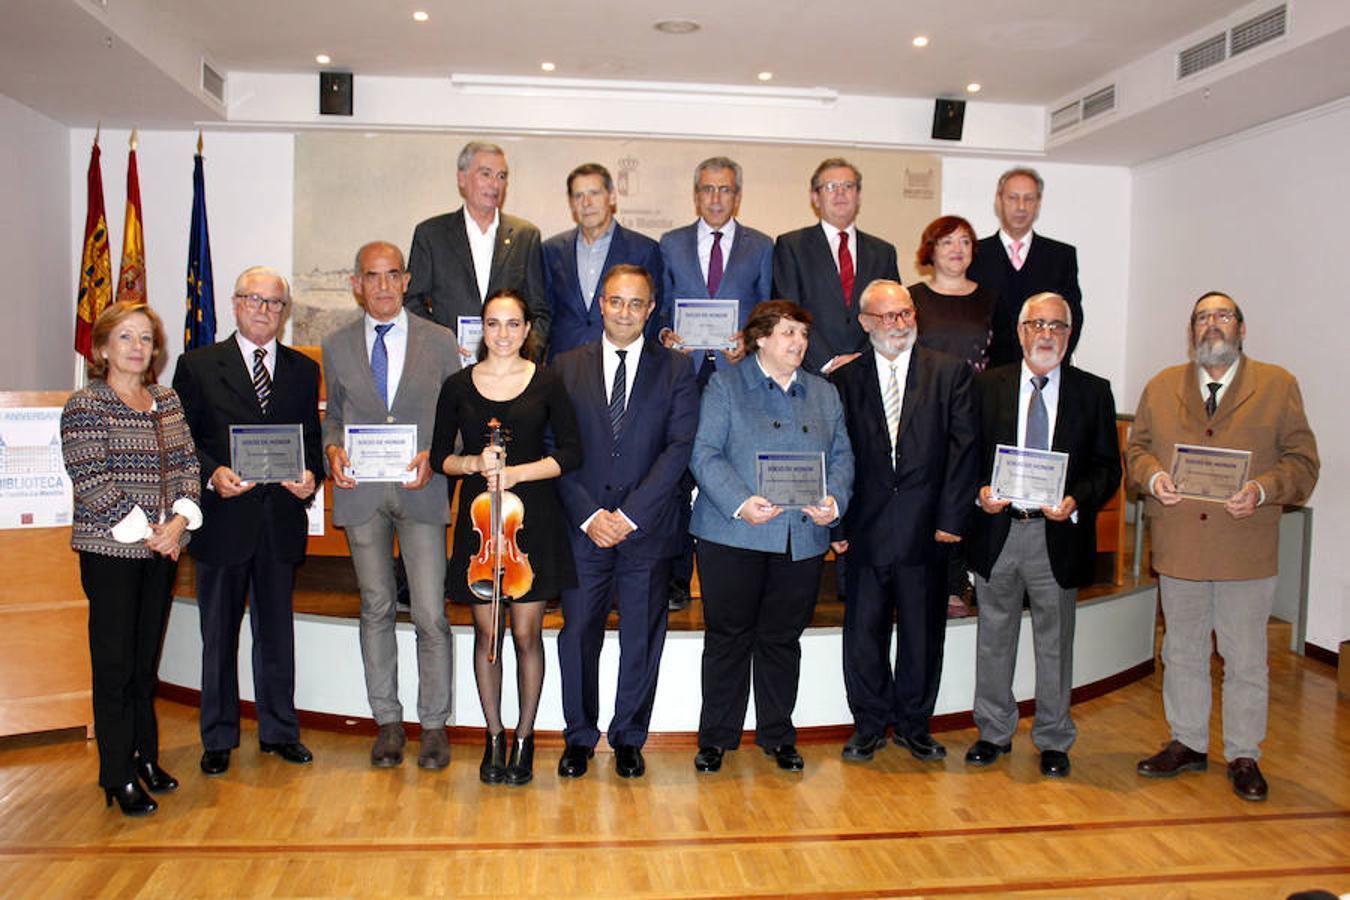 Los nuevos socios de honor de la Biblioteca de Castilla-La Mancha